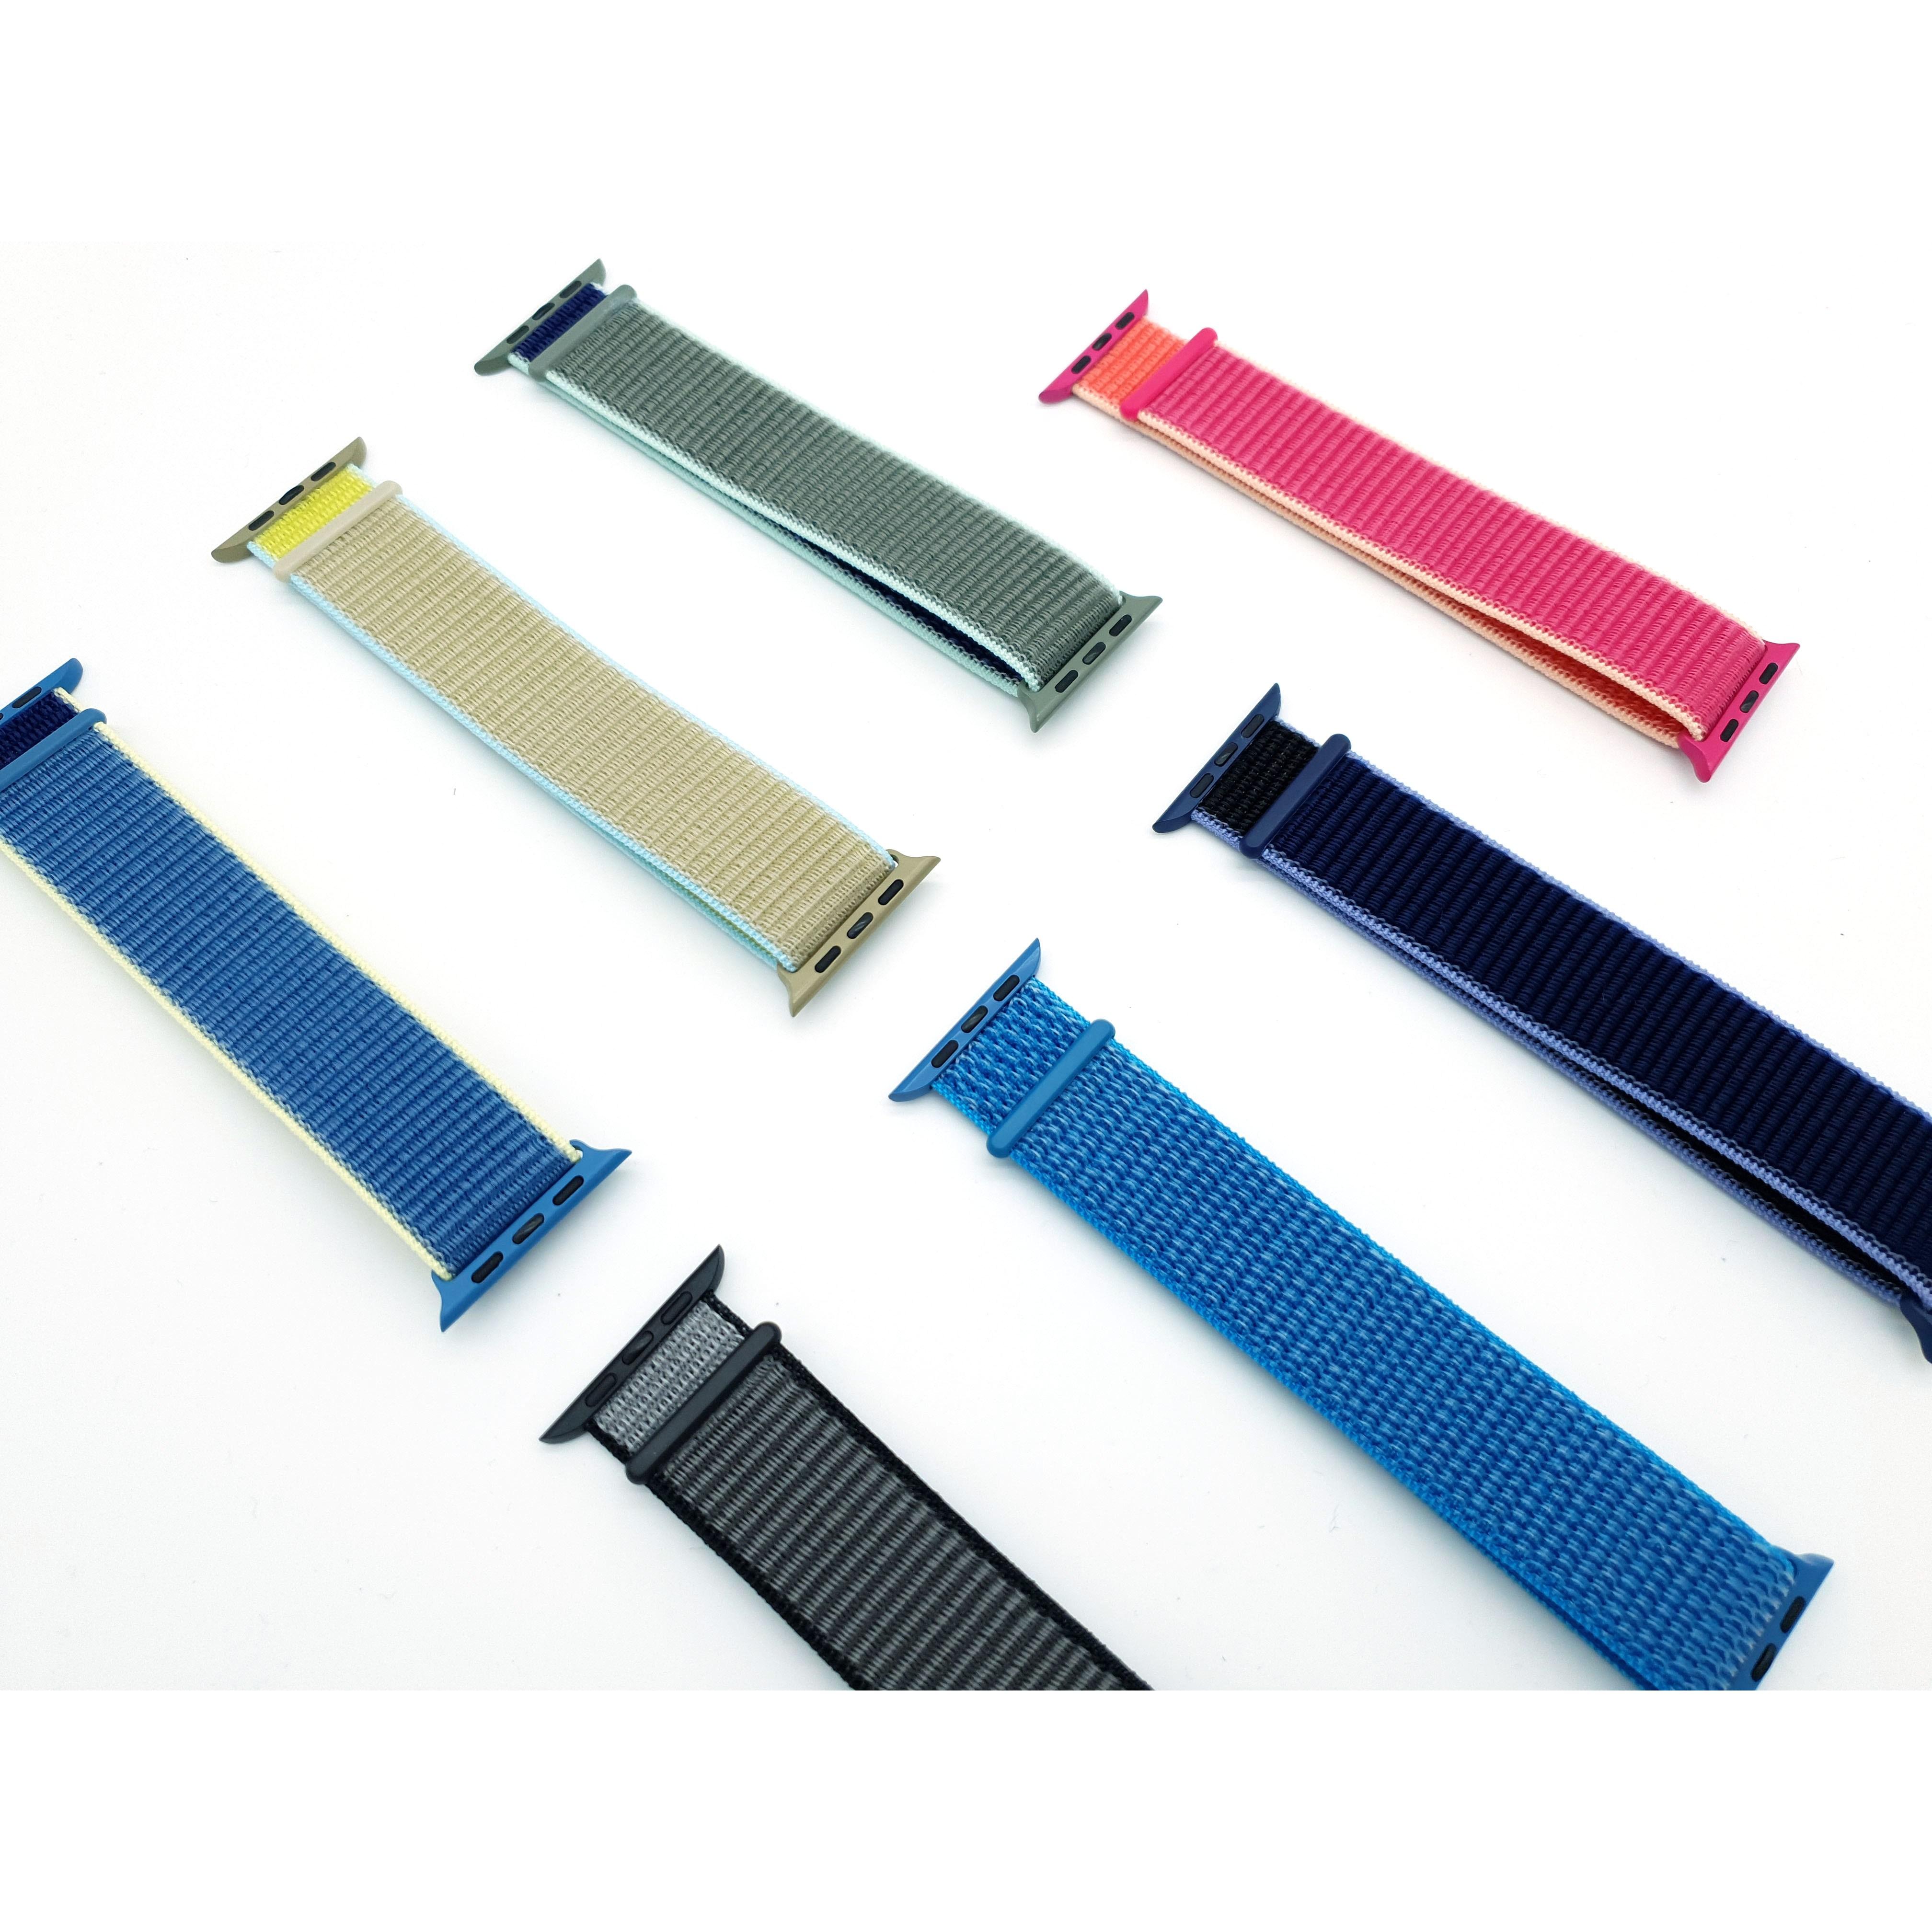 리얼유즈 애플워치5 스포츠루프 모음 (애플워치 전세대 호환), 1개, 10번 타호 블루(38/40mm)